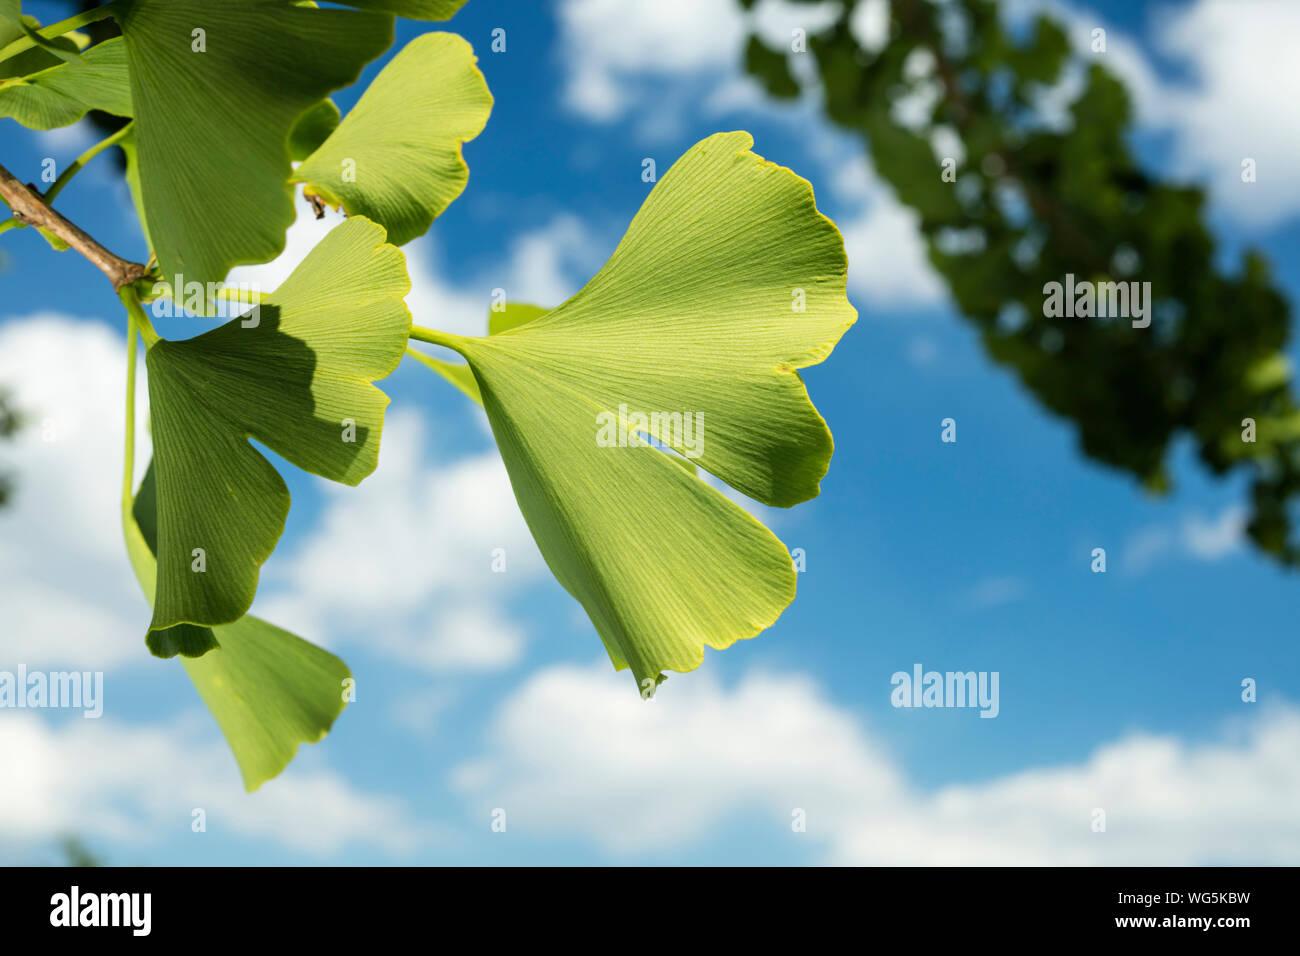 Ángulo de visión baja de hojas verdes frescas contra Sky Foto de stock